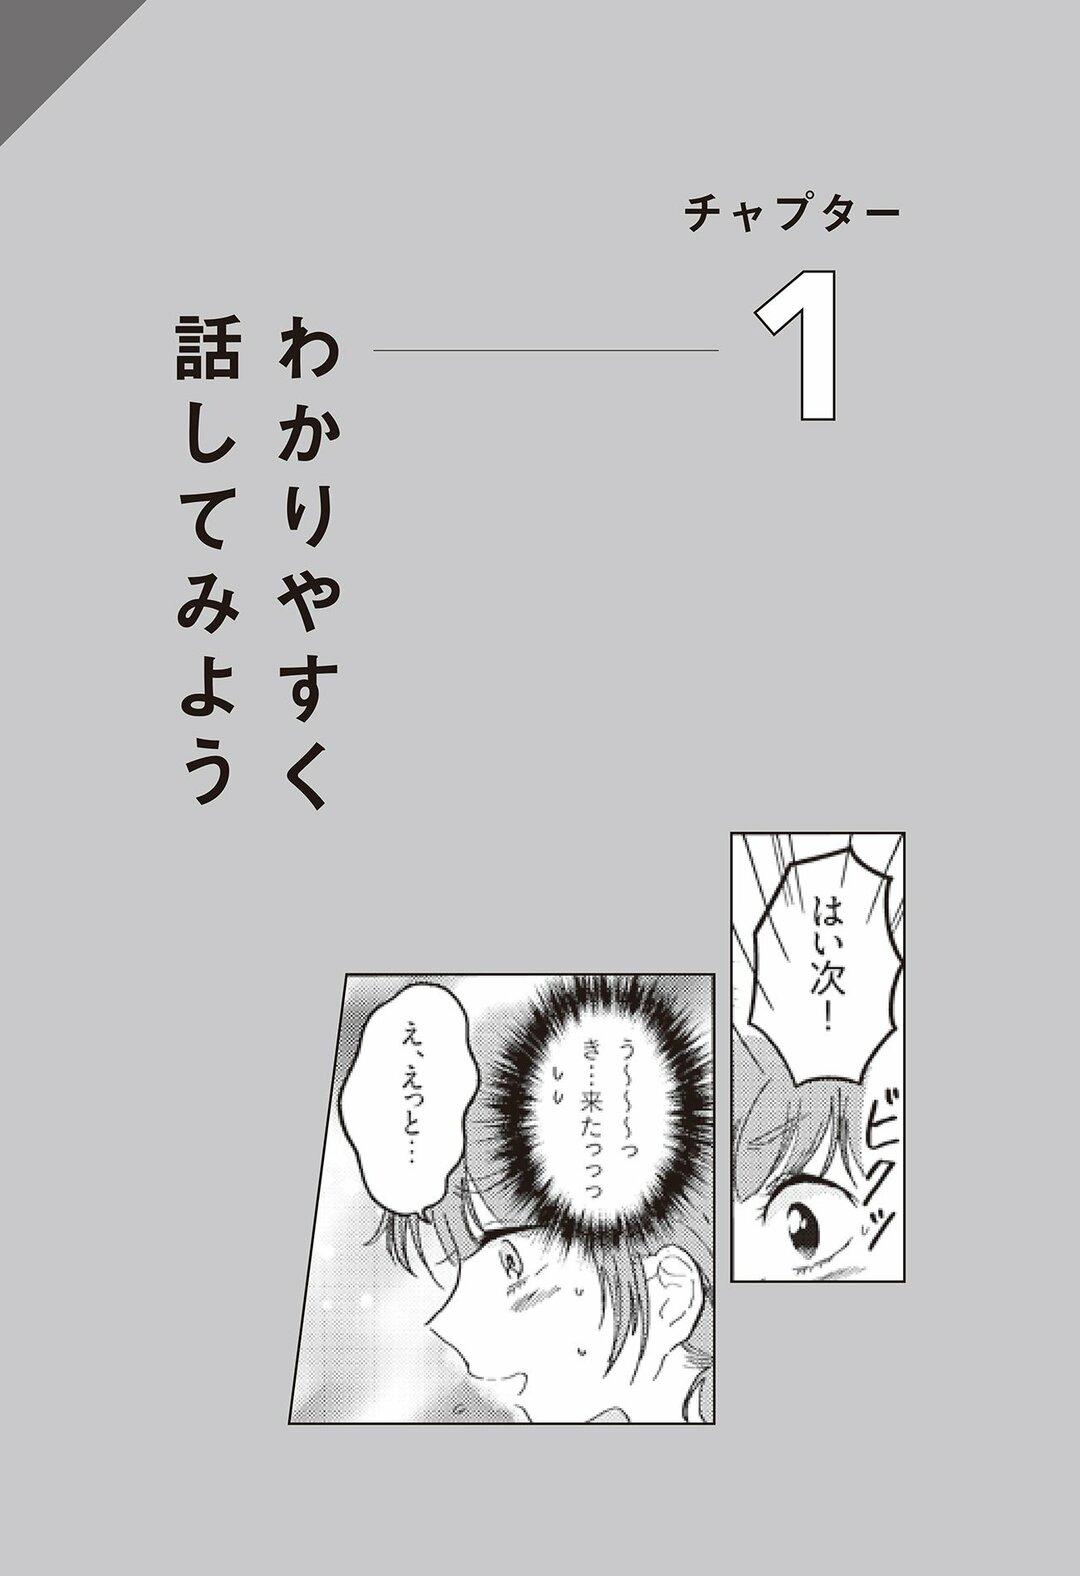 齋藤孝教授と安住紳一郎アナが教える<br />「わかりやすく話してみよう」(1)